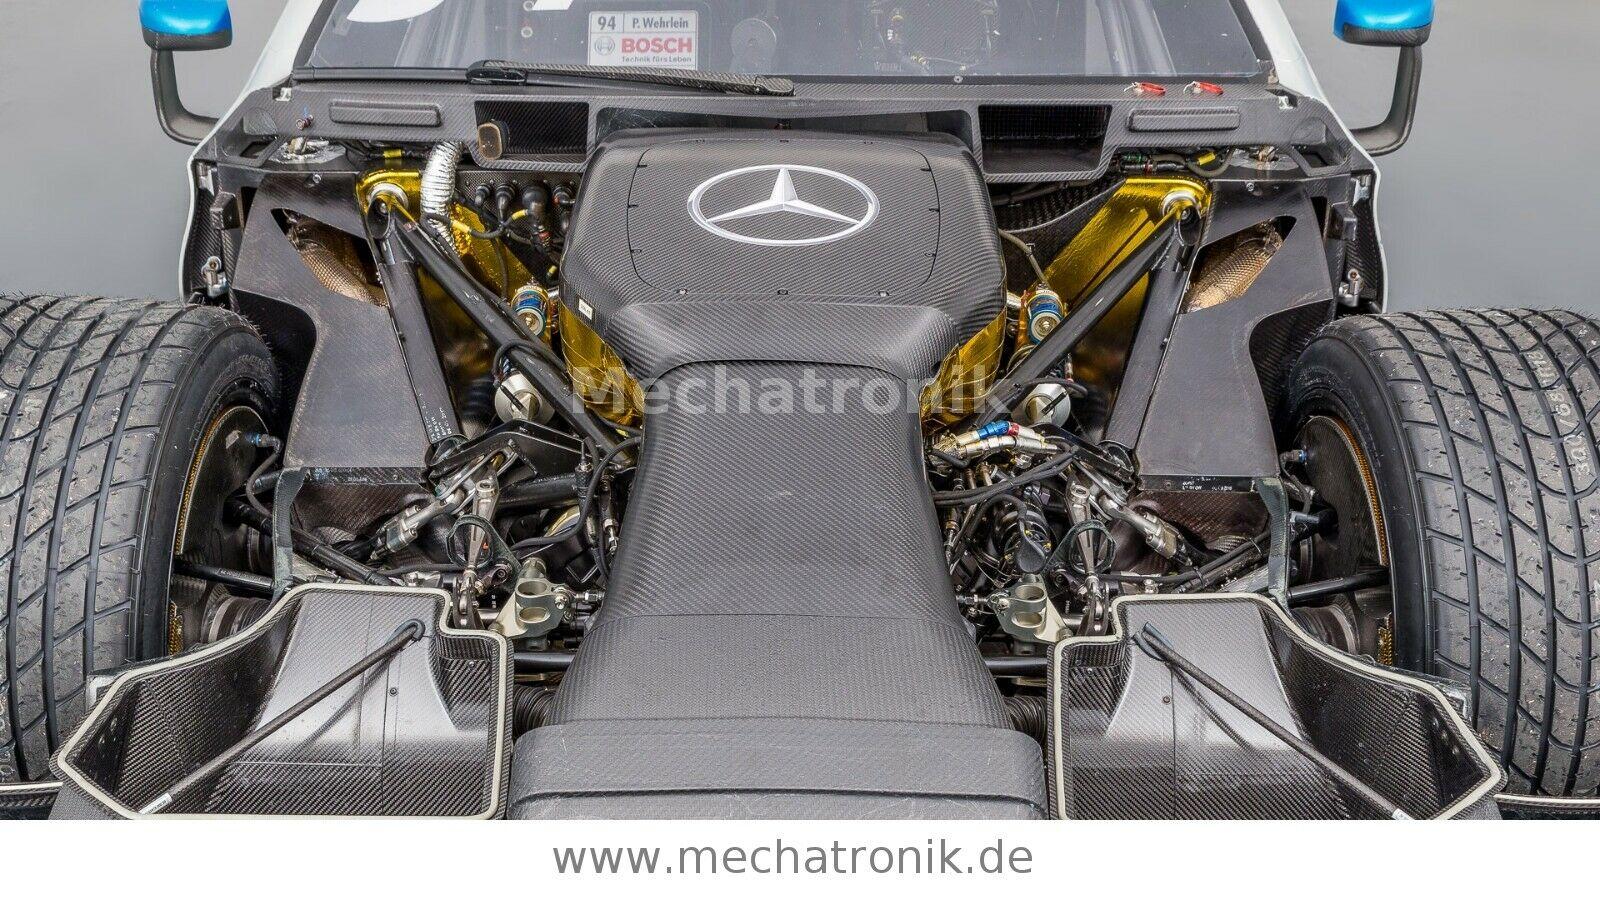 Mercedes-AMG C63 DTM engine